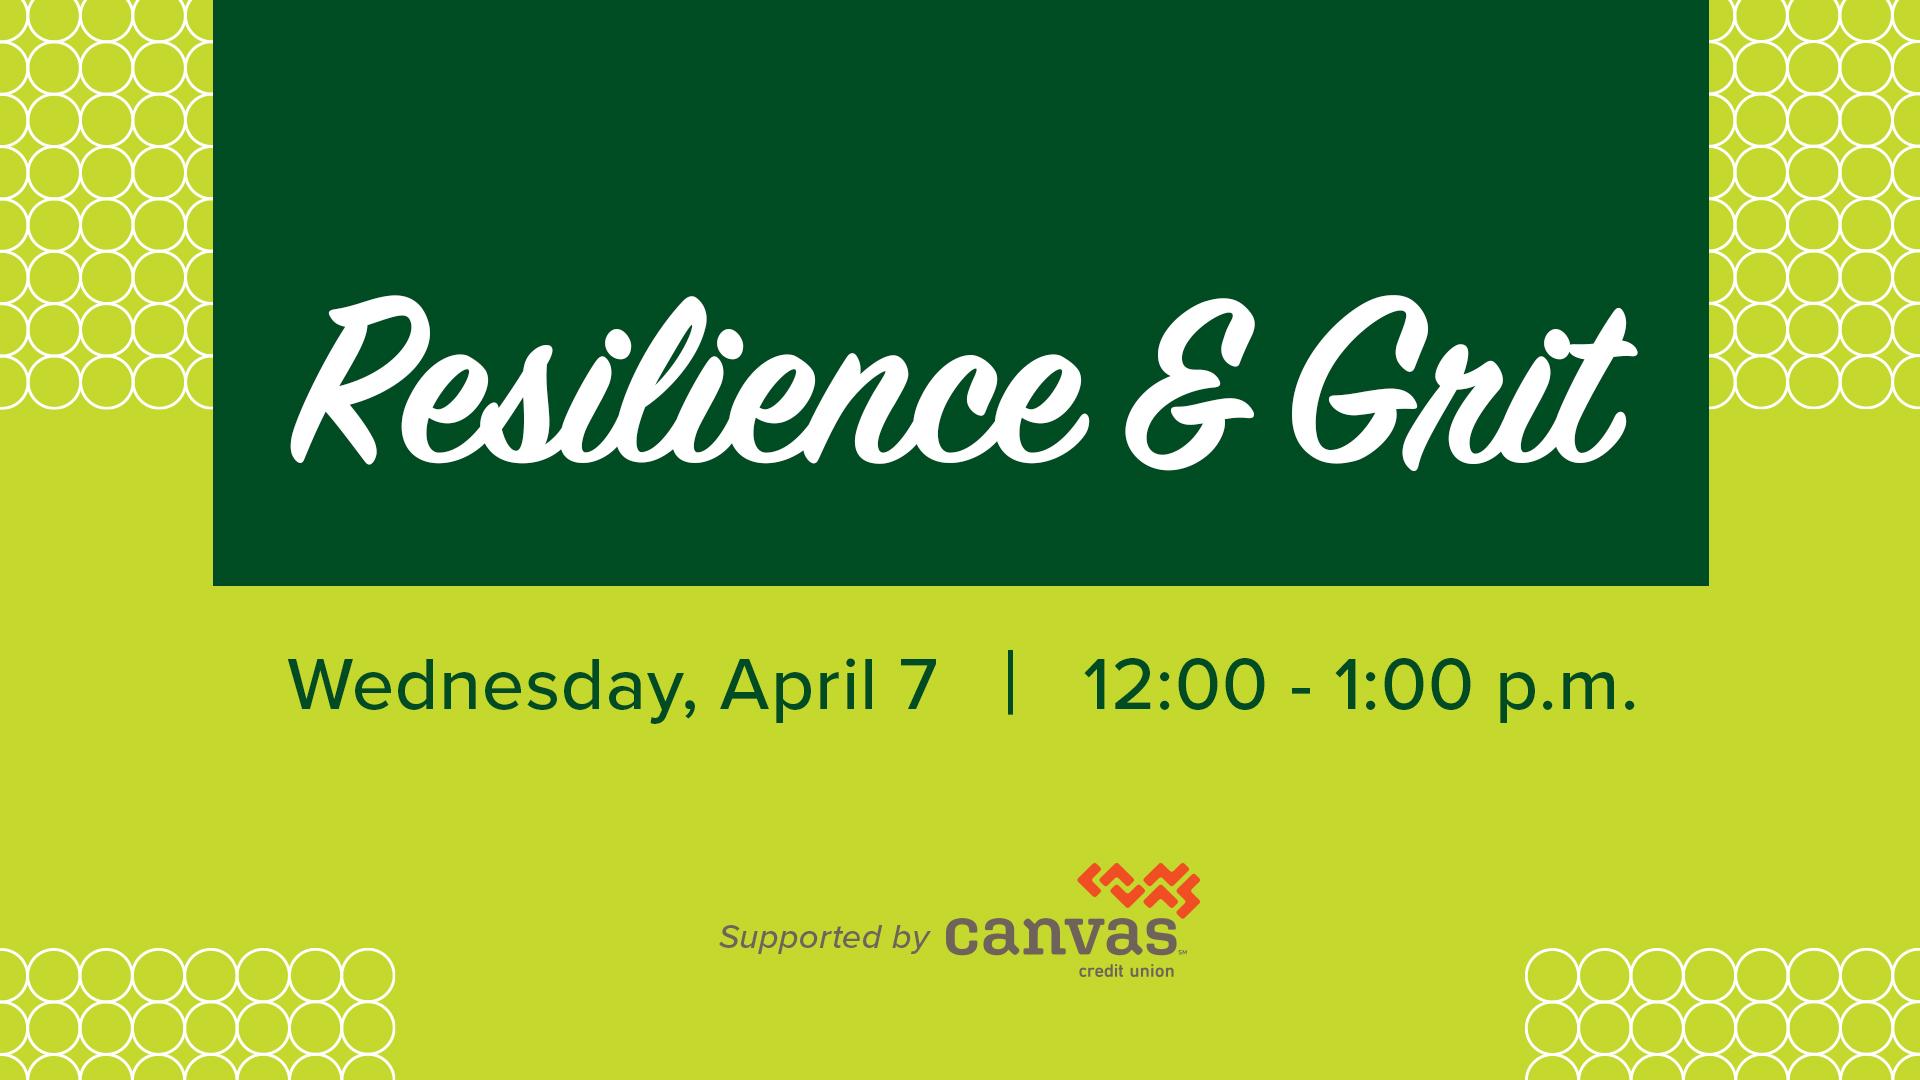 Image for Resilience & Grit webinar